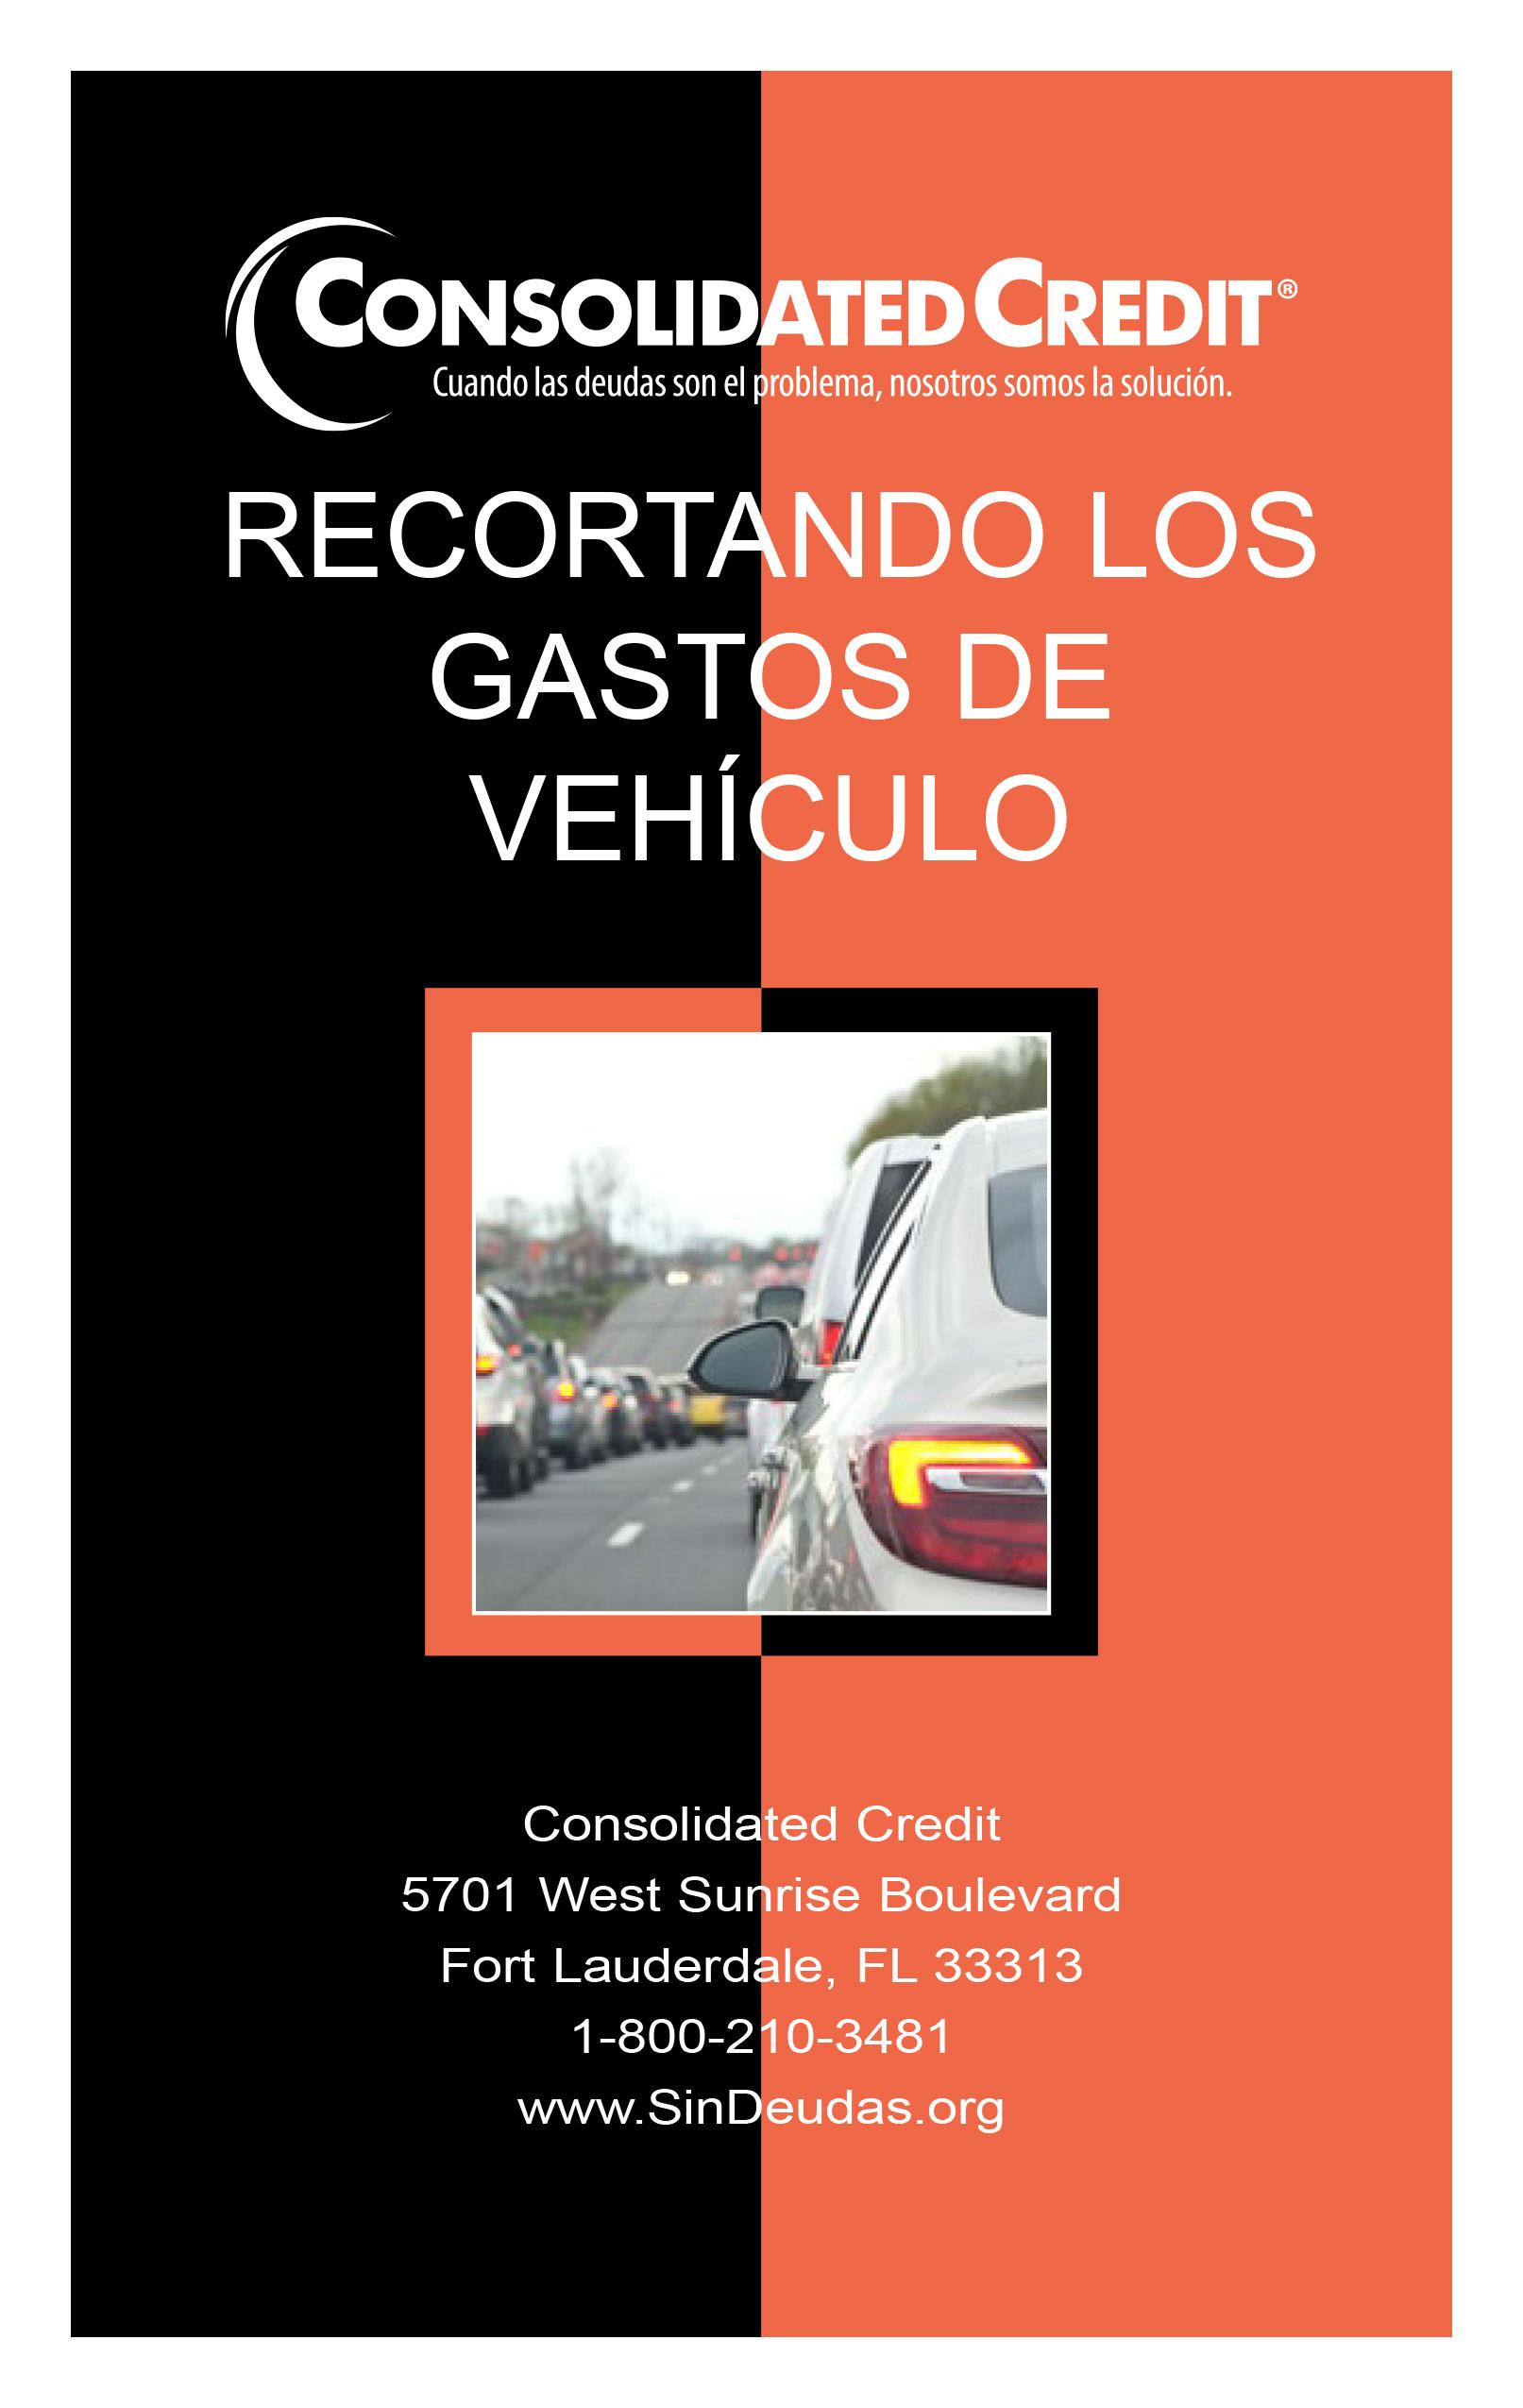 Este folleto explica cómo los consumidores pueden ahorrar dinero en los gastos de vehículo y le ayuda a comprender los errores que debe evitar.